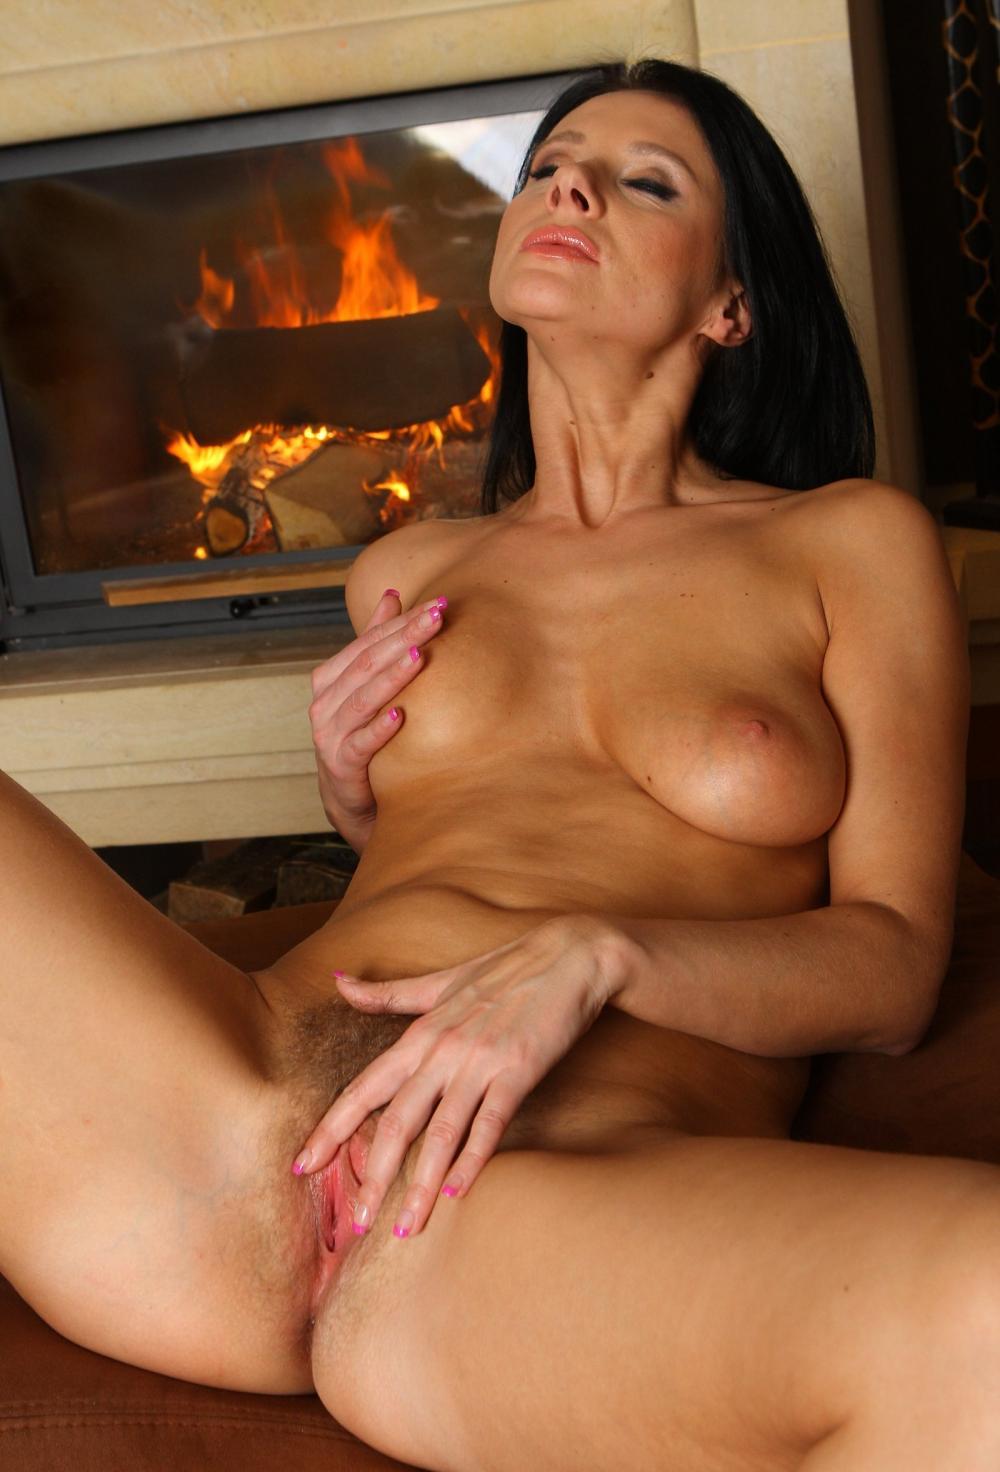 Красивые голые зрелые женщины за 50 сидит возле камина, правой рукой гладит сиську левой раздвигает губки и мастурбирует бритую письку, балдеет